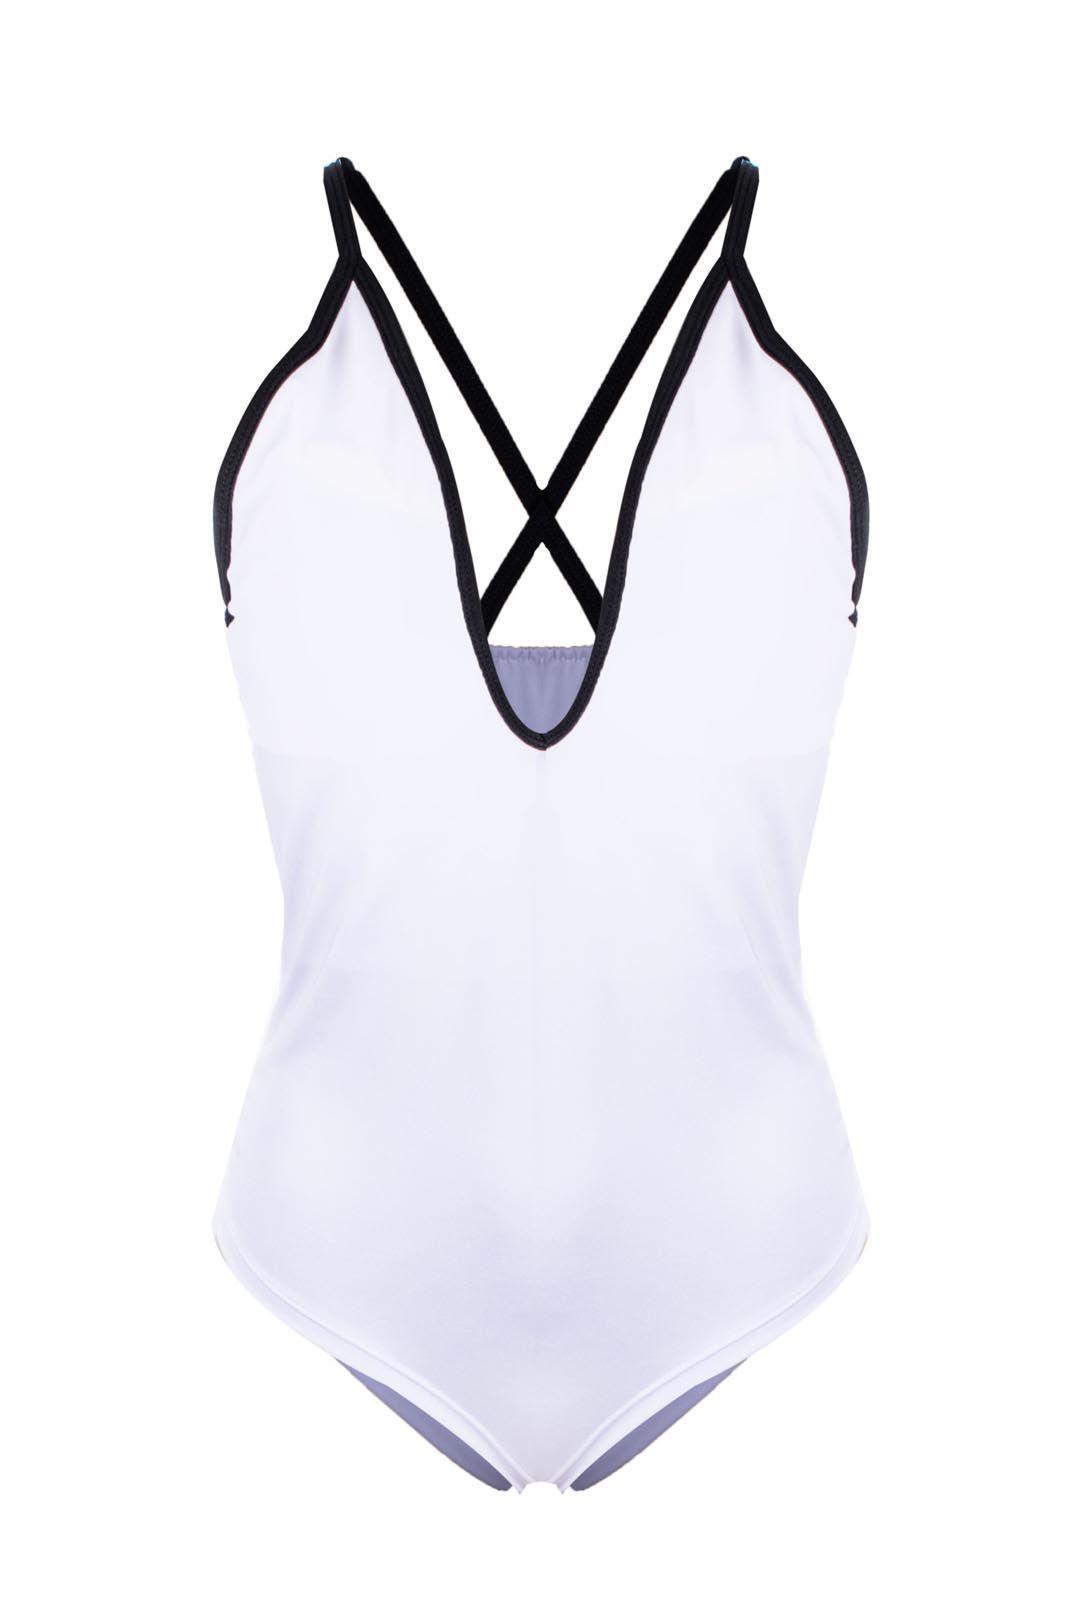 Body Outlet Dri  Suplex Detalhe Decotado Gola X Tirinhas Branco